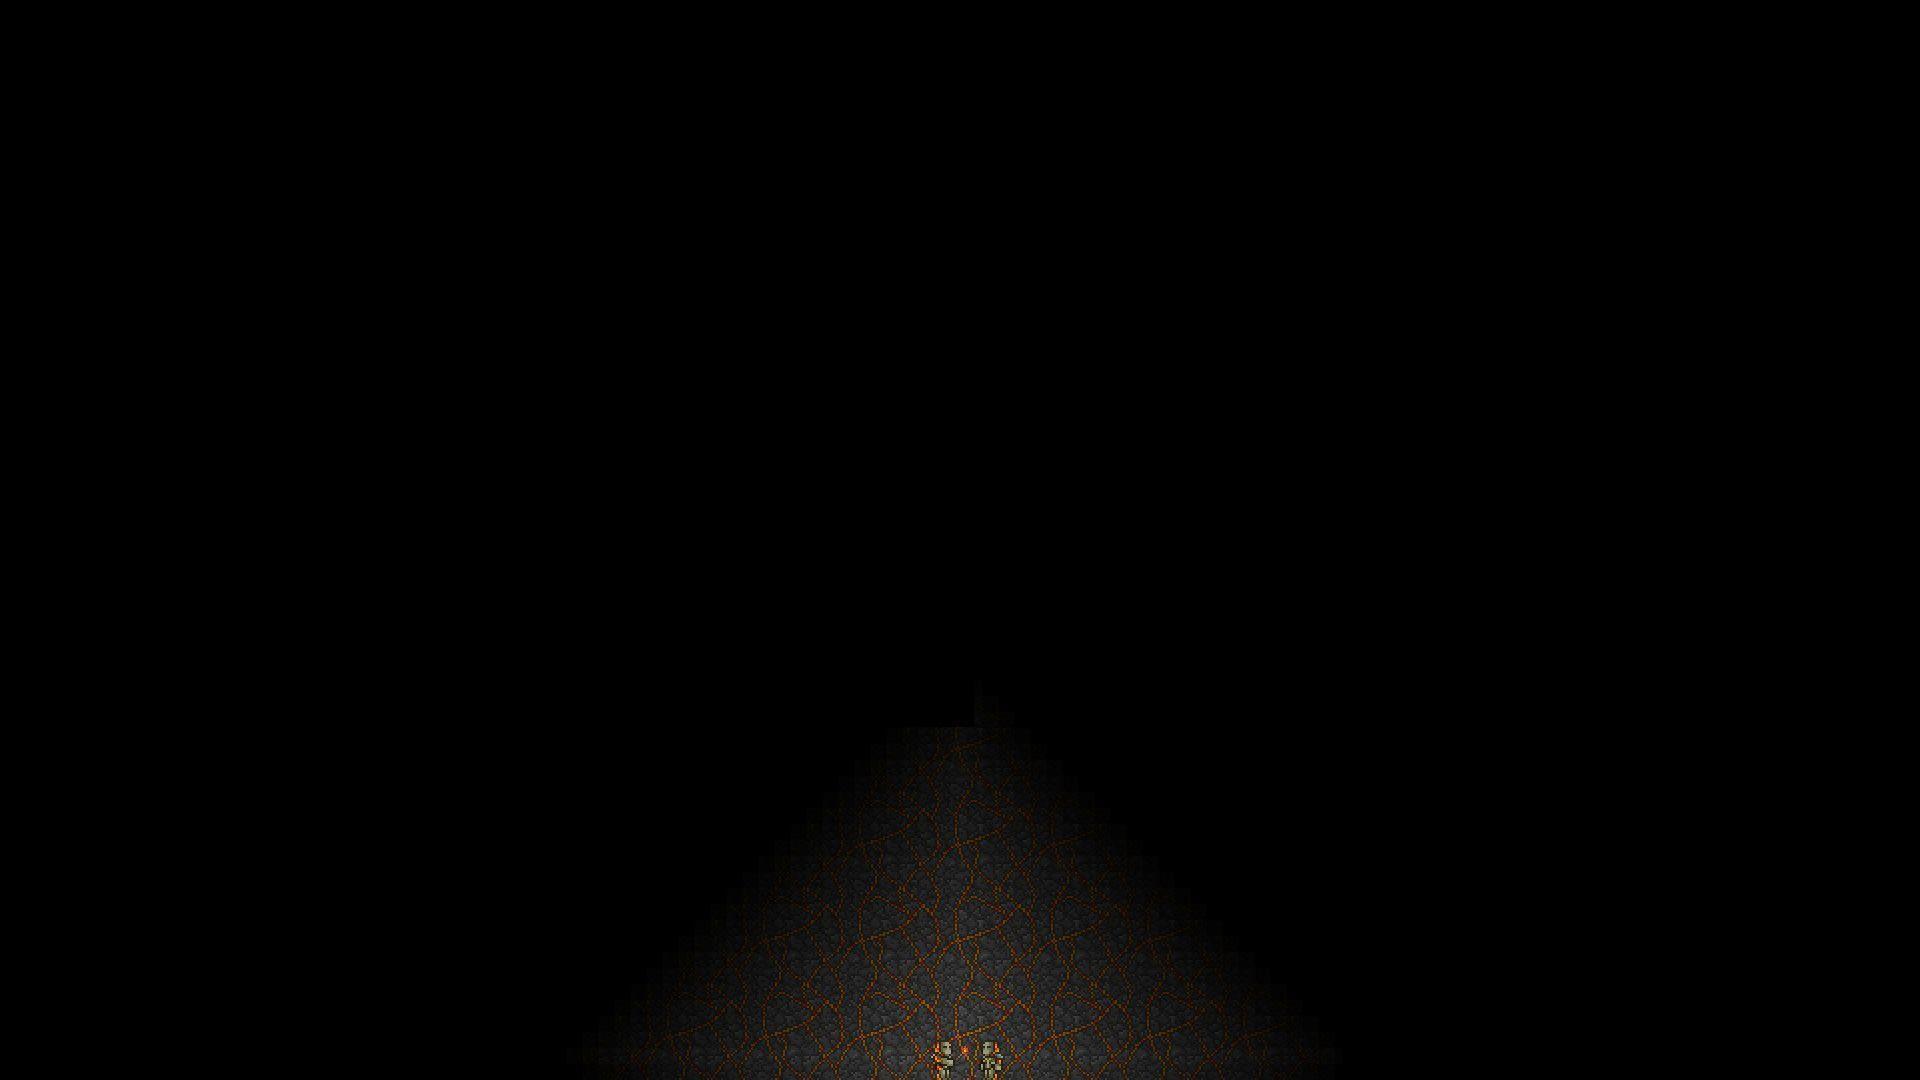 Unduh 5000+ Wallpaper Black Minimalist Hd  Terbaik